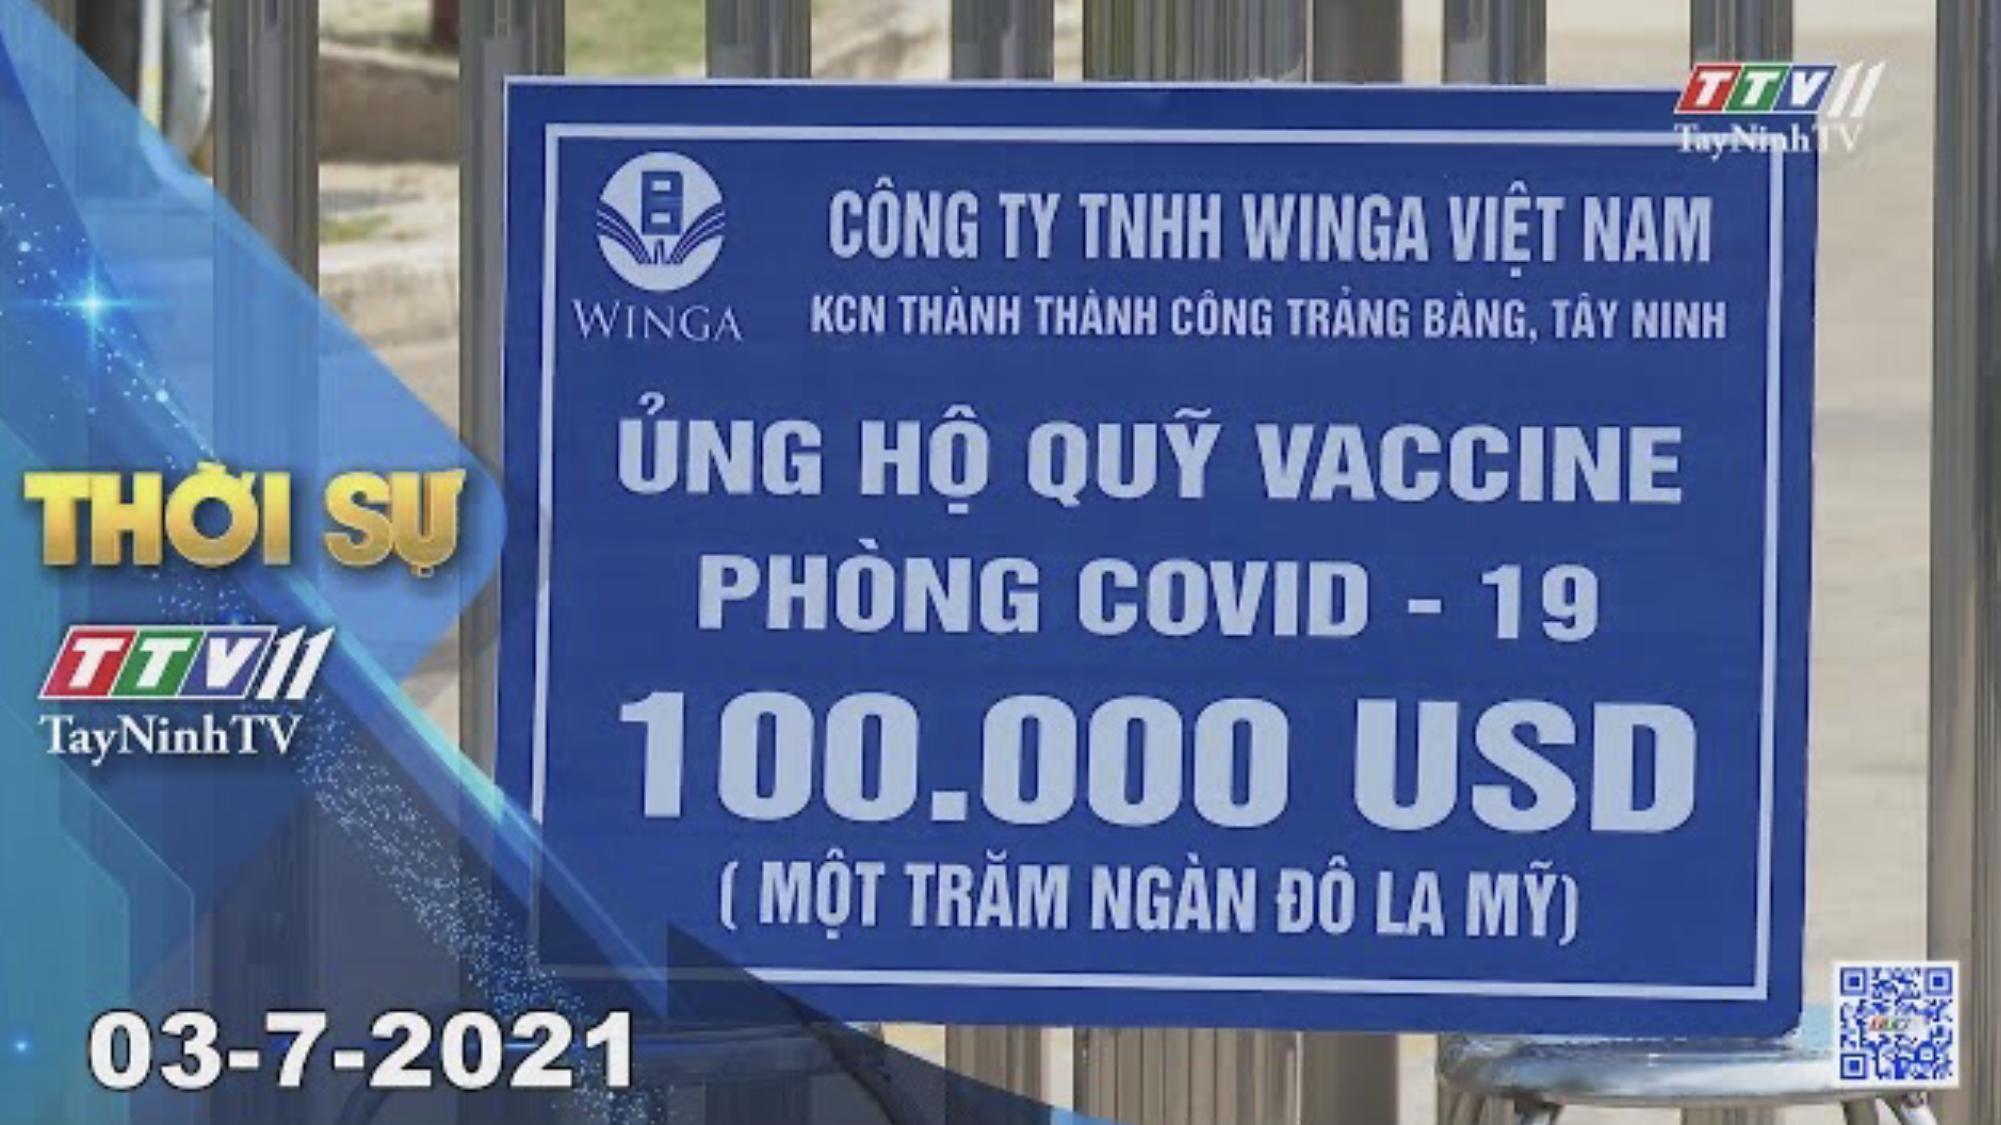 Thời sự Tây Ninh 03-7-2021   Tin tức hôm nay   TayNinhTV